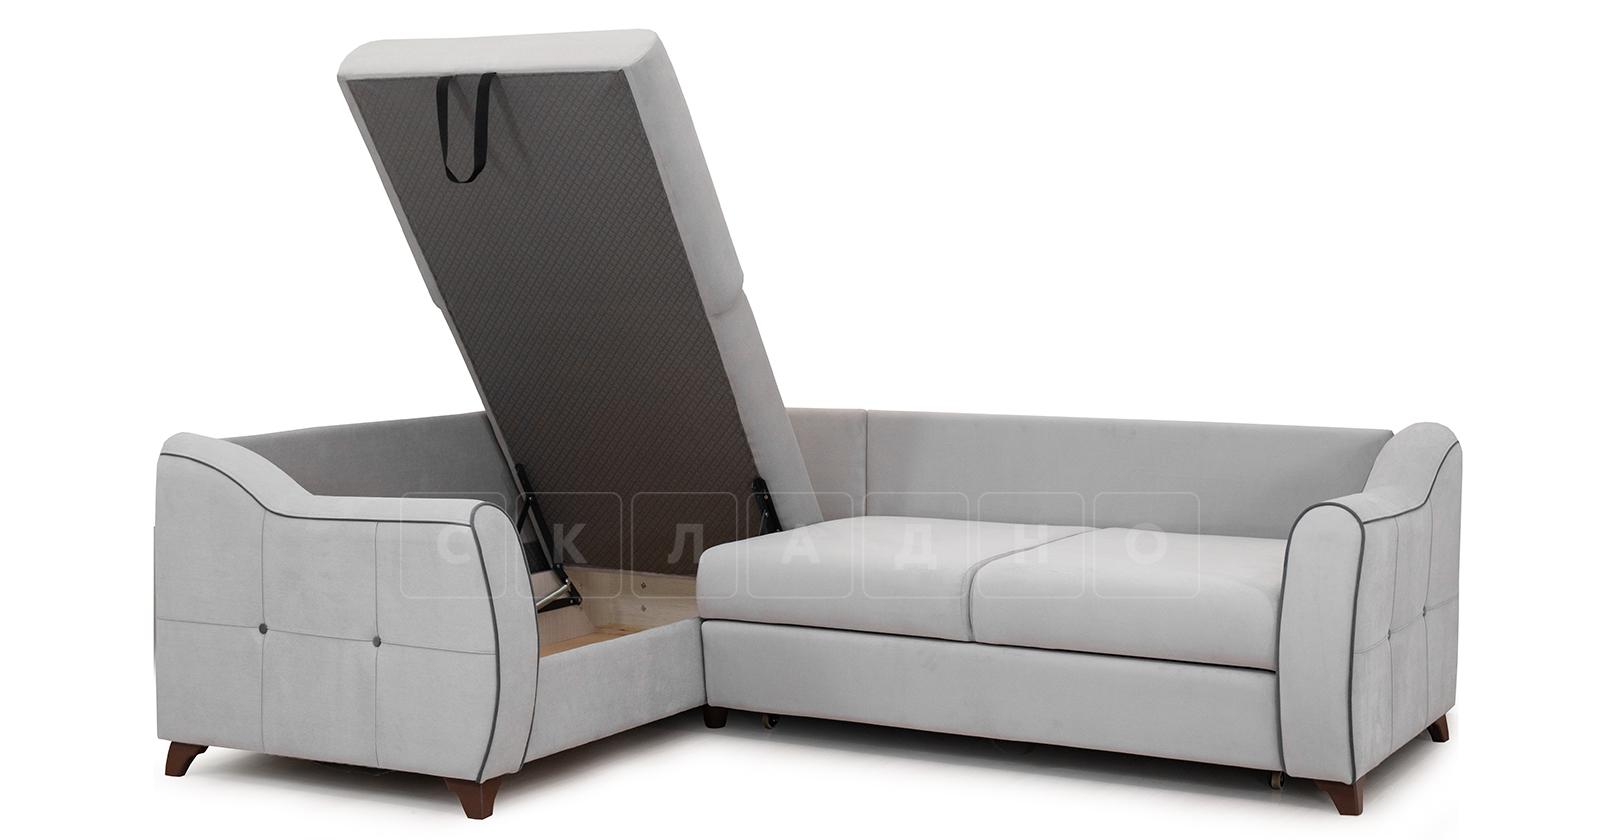 Диван-кровать угловой Флэтфорд светло-серый фото 5 | интернет-магазин Складно